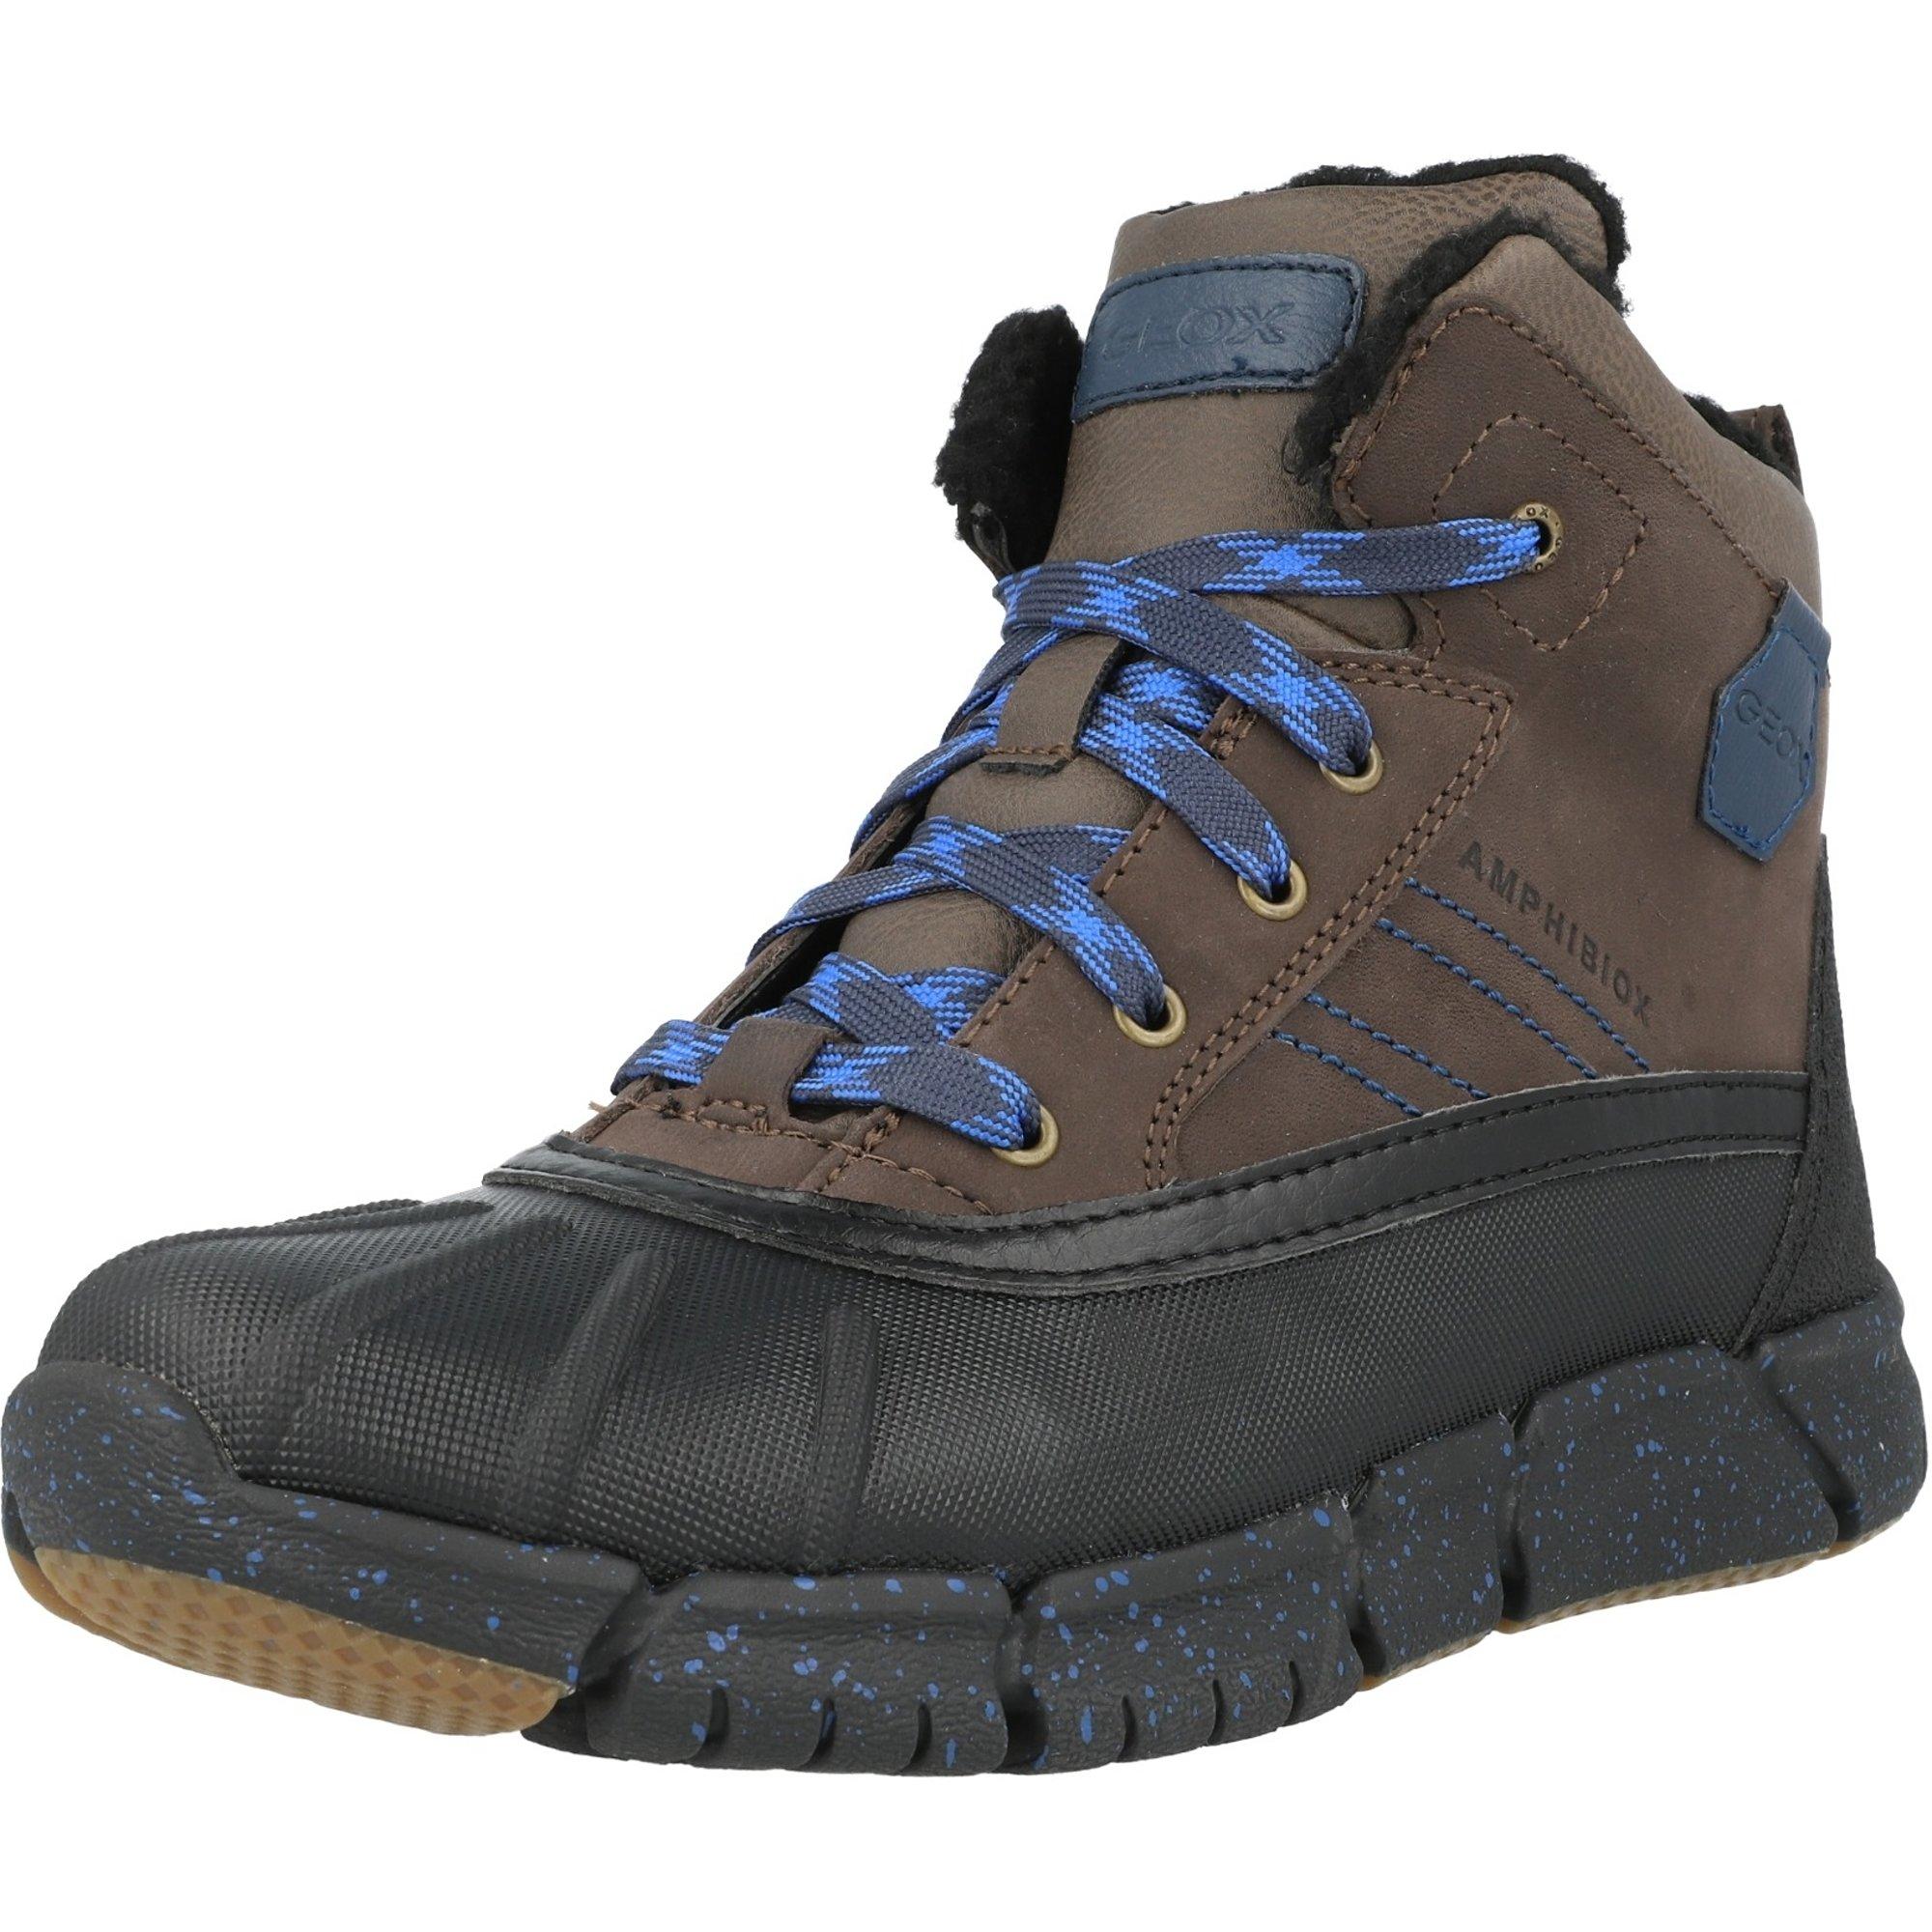 Geox J Flexyper Amphibiox D Coffee/Royal Blue Waxy Leather